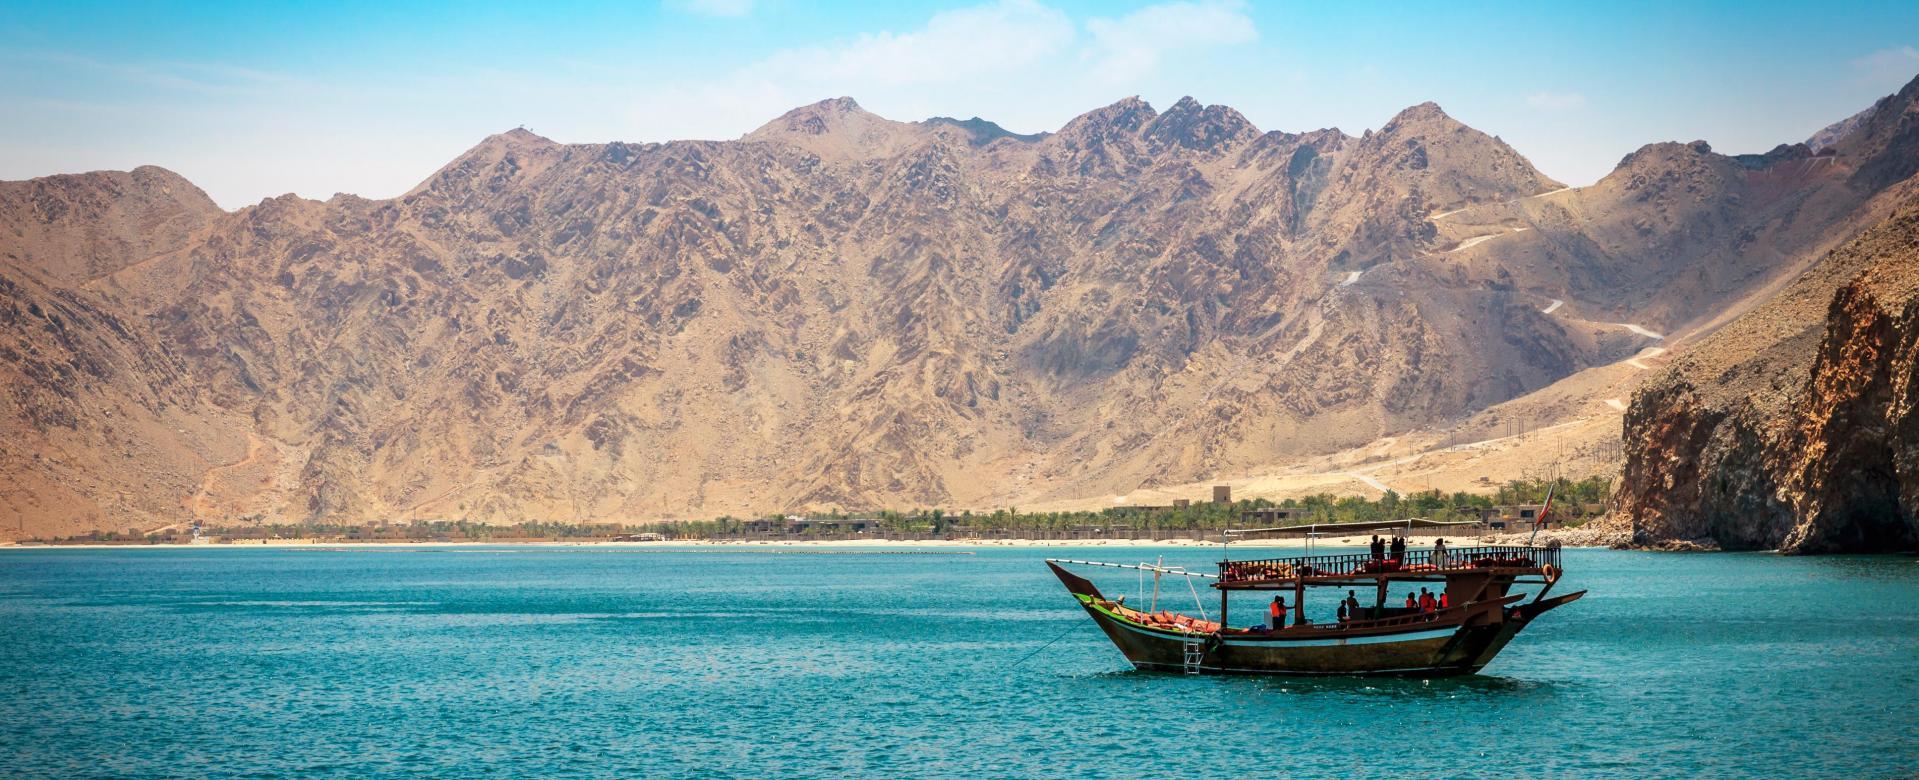 Voyage à pied : Trilogie omanaise et fjords du musandam